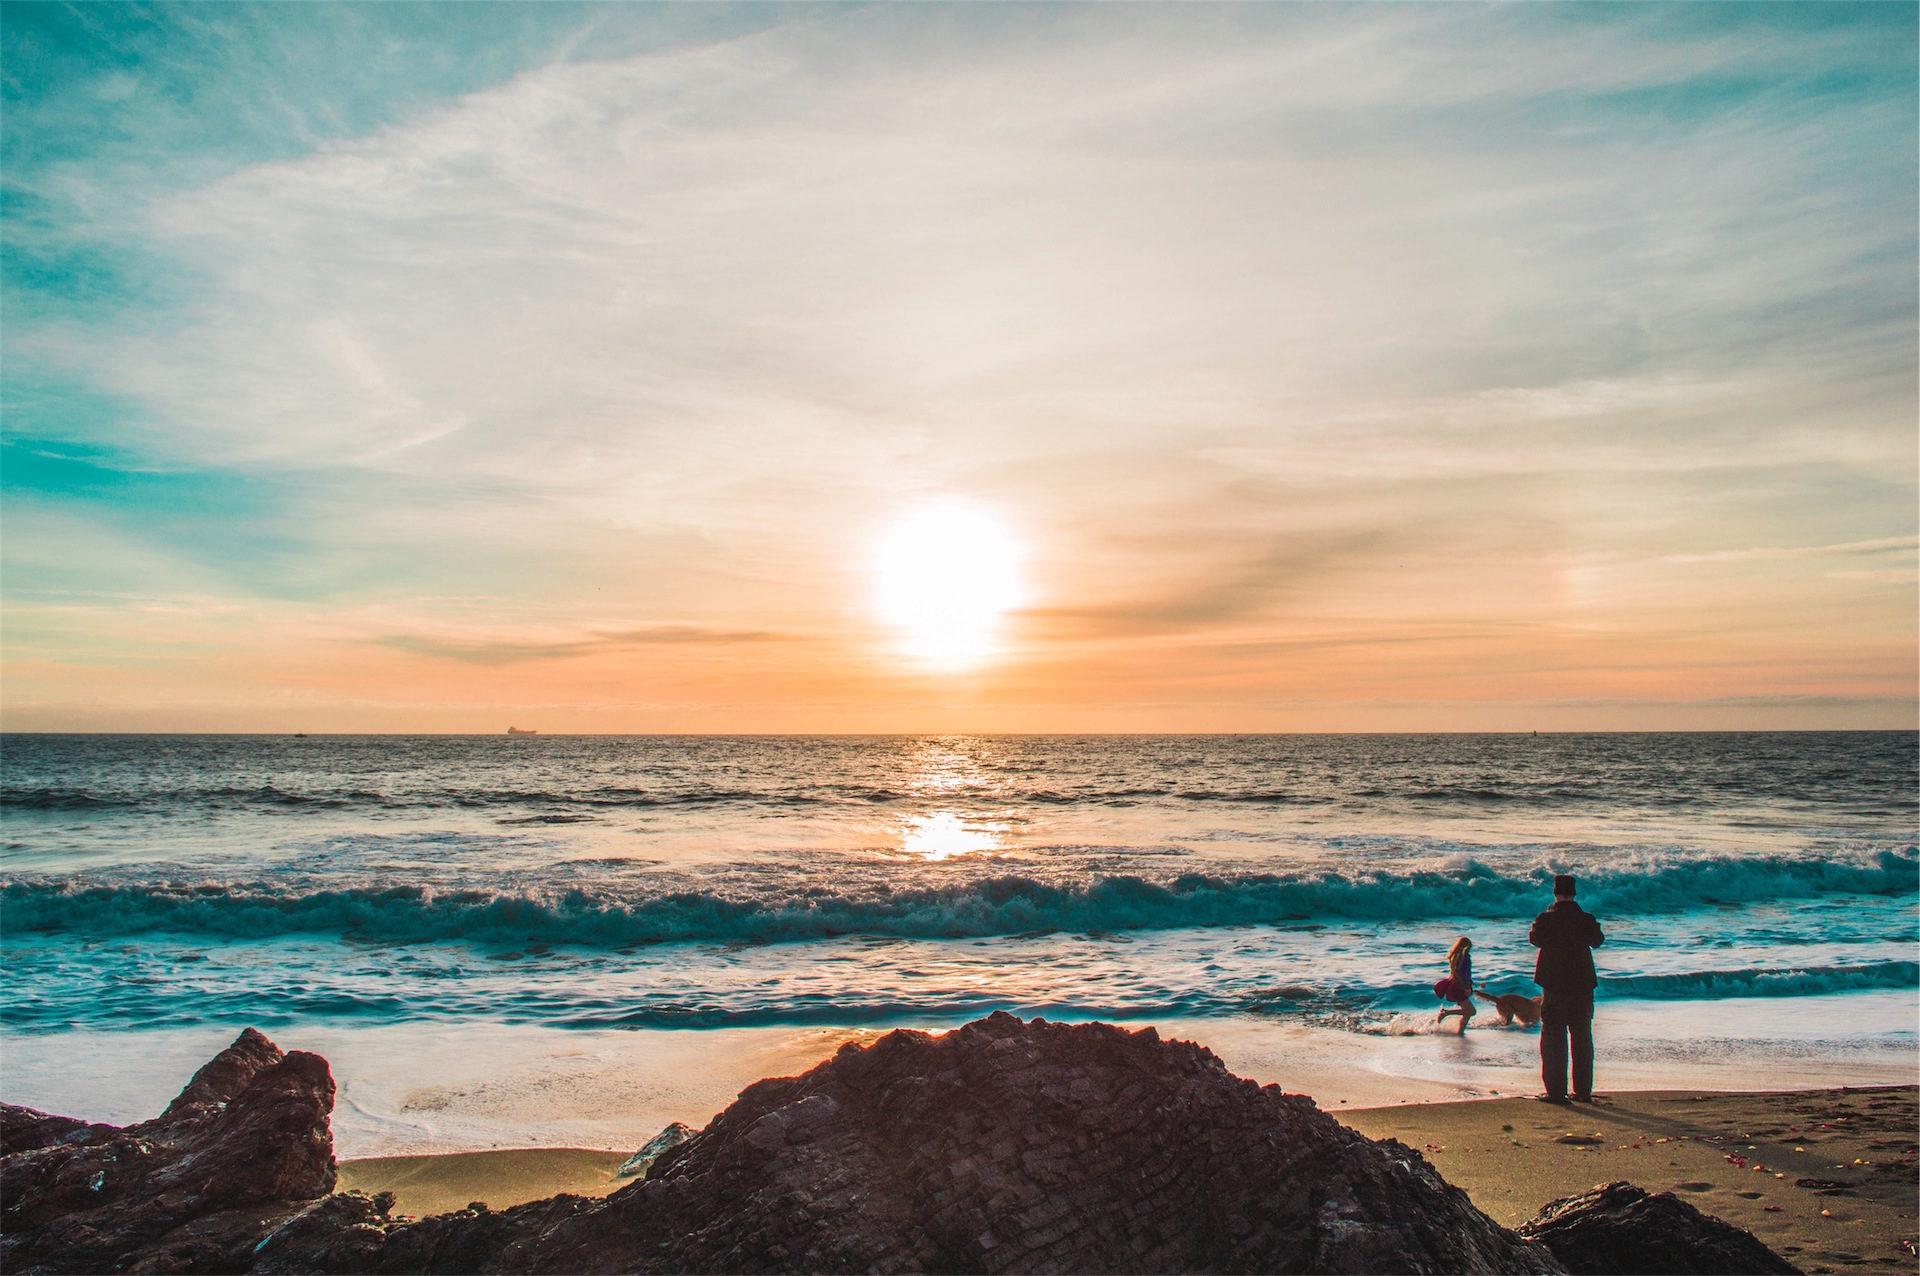 海滩, 太阳, 日落, 海, 游戏 - 高清壁纸 - 教授-falken.com